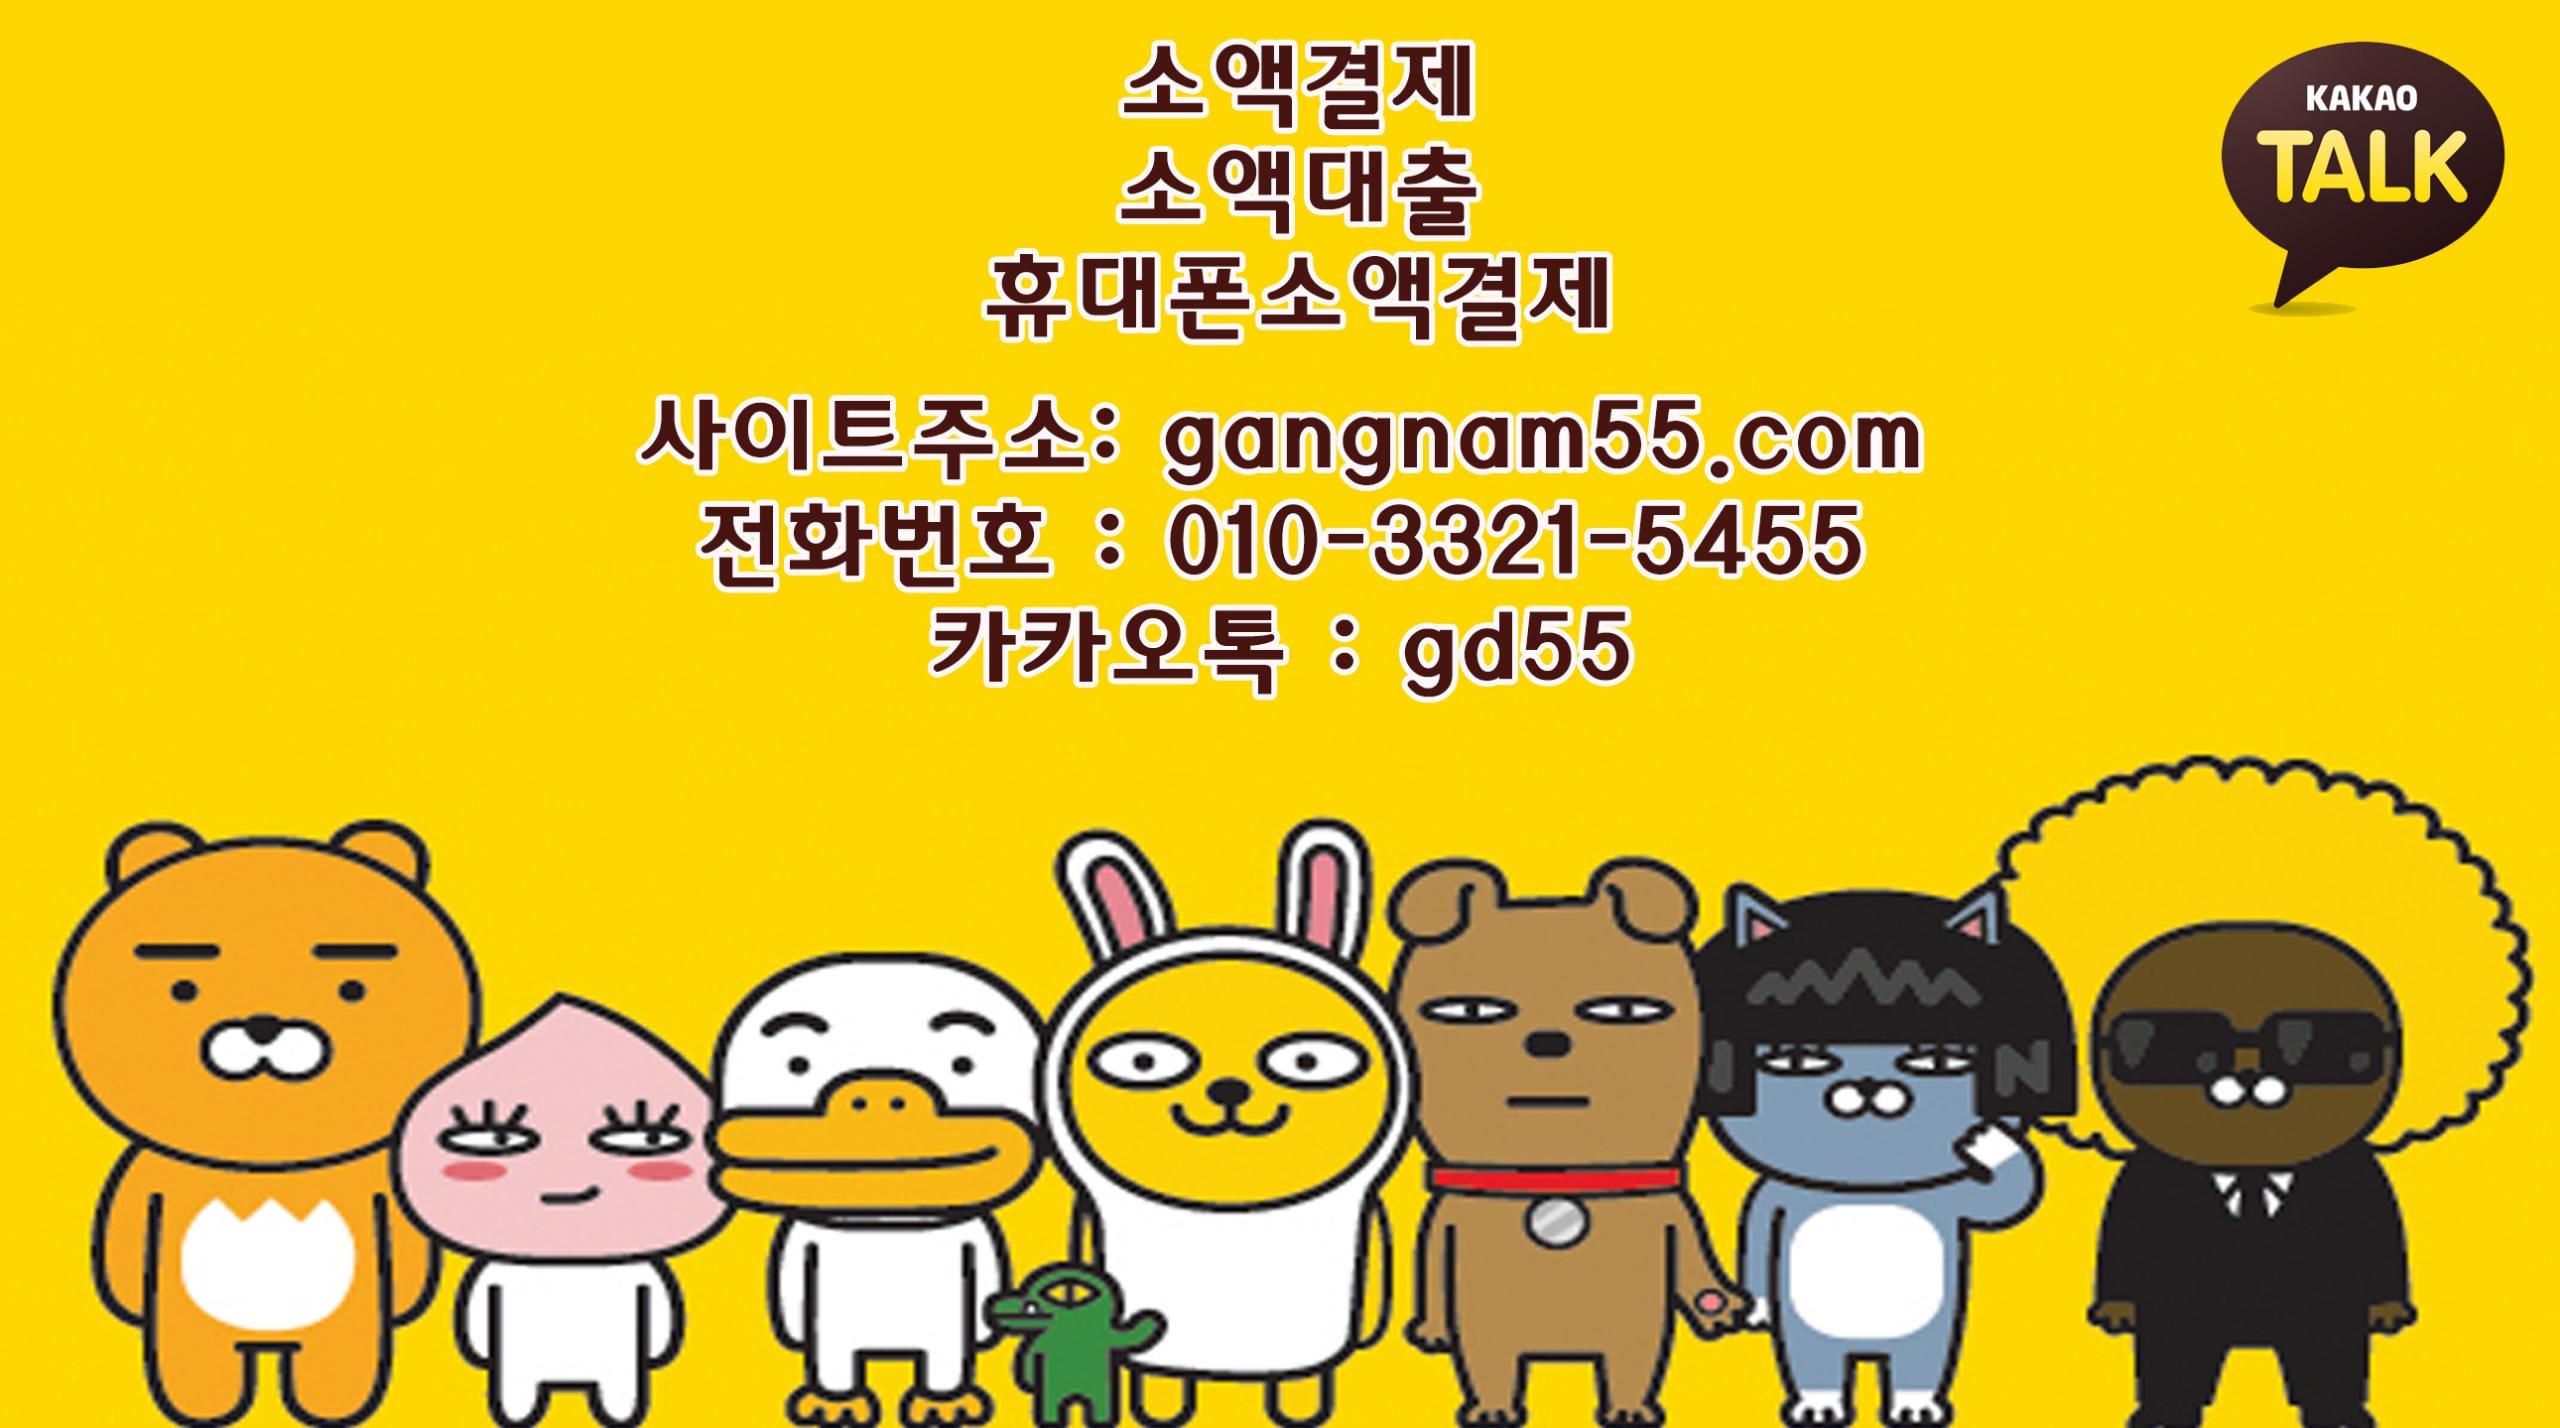 모바일상품권판매 gangnam닷kr (@thdorrufwp03) Cover Image